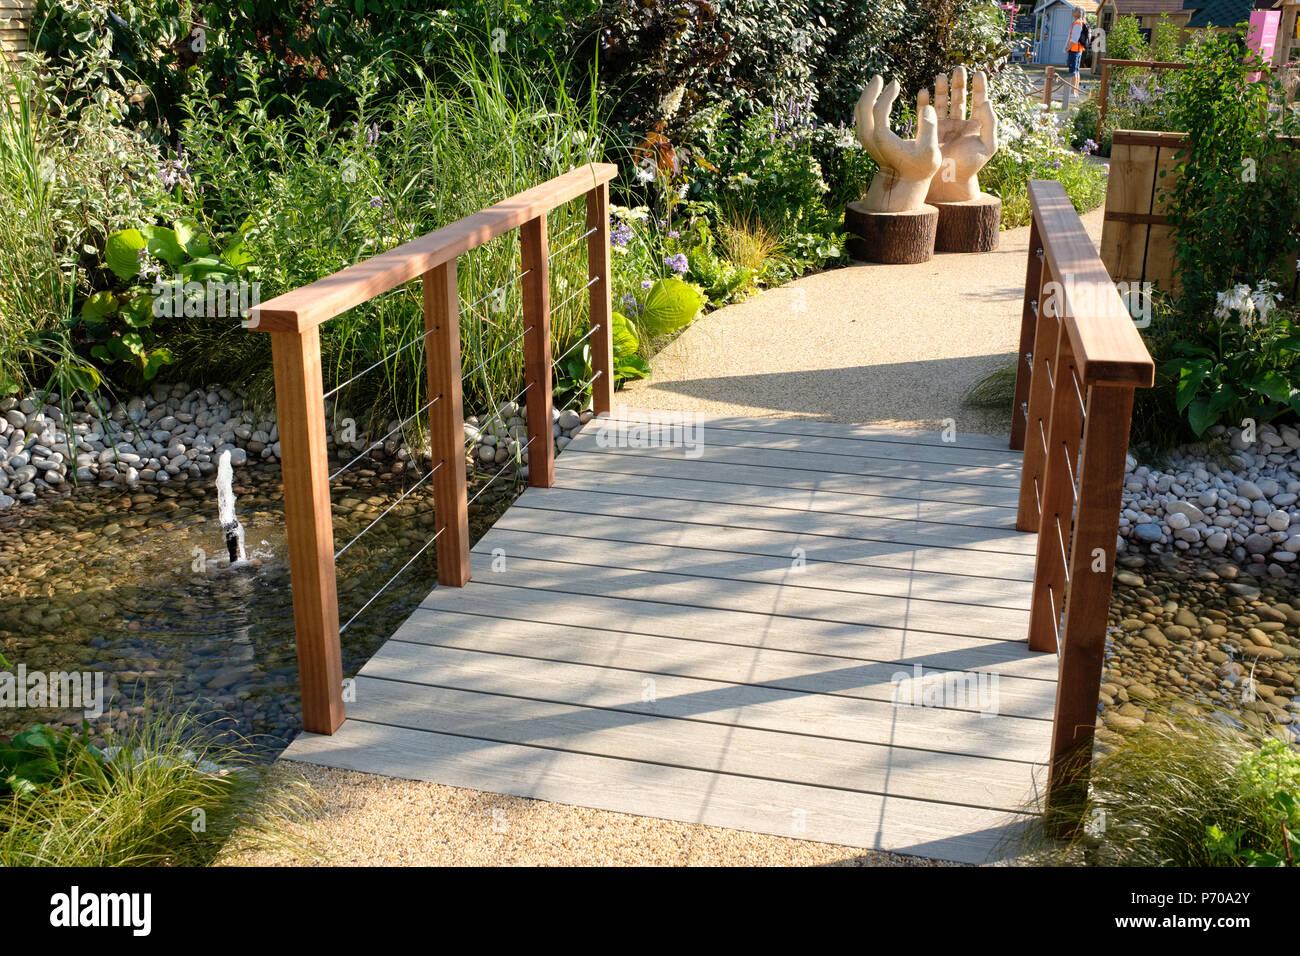 RHS Hampton Court Palace Flower Show, 2018. Die Limbcare Garten. Von Edward Mairis Landschaft Design entworfen. Stockbild